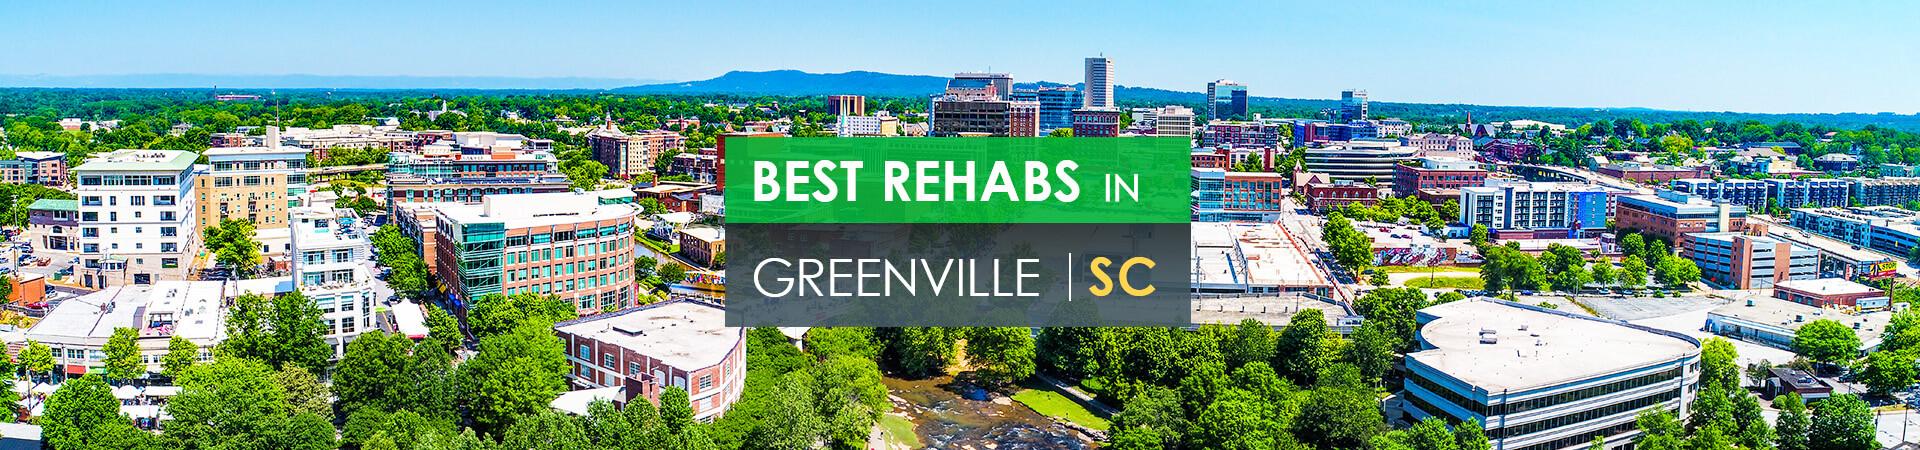 Best rehabs in Greenville, SC